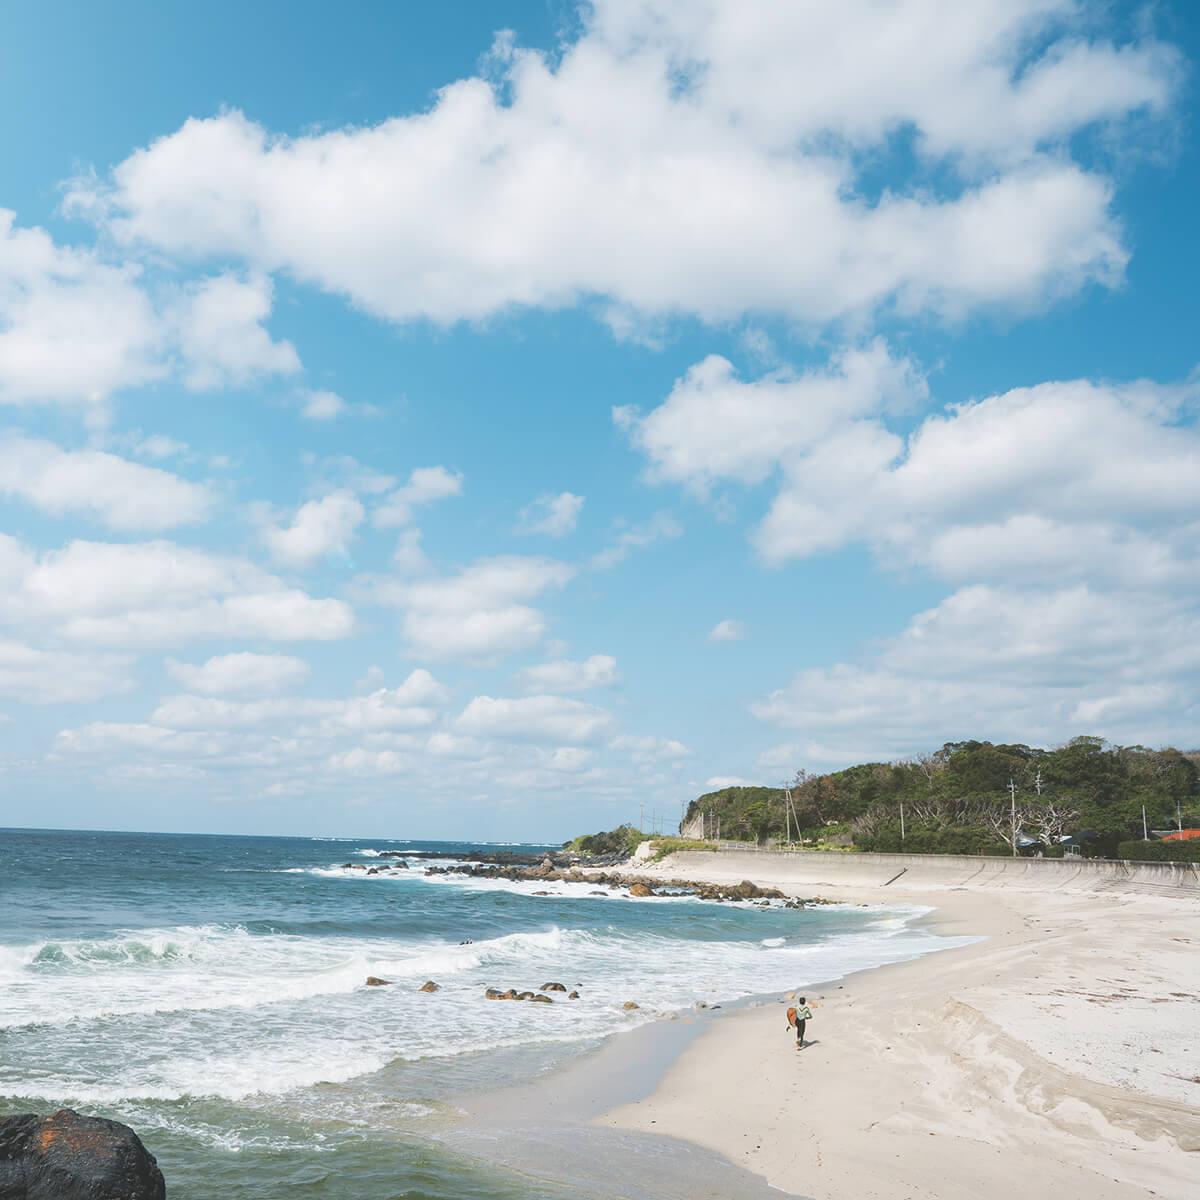 屋久島の海、空、ビーチ 屋久島海とジュエリー オーダーメイドマリッジリングのモチーフ